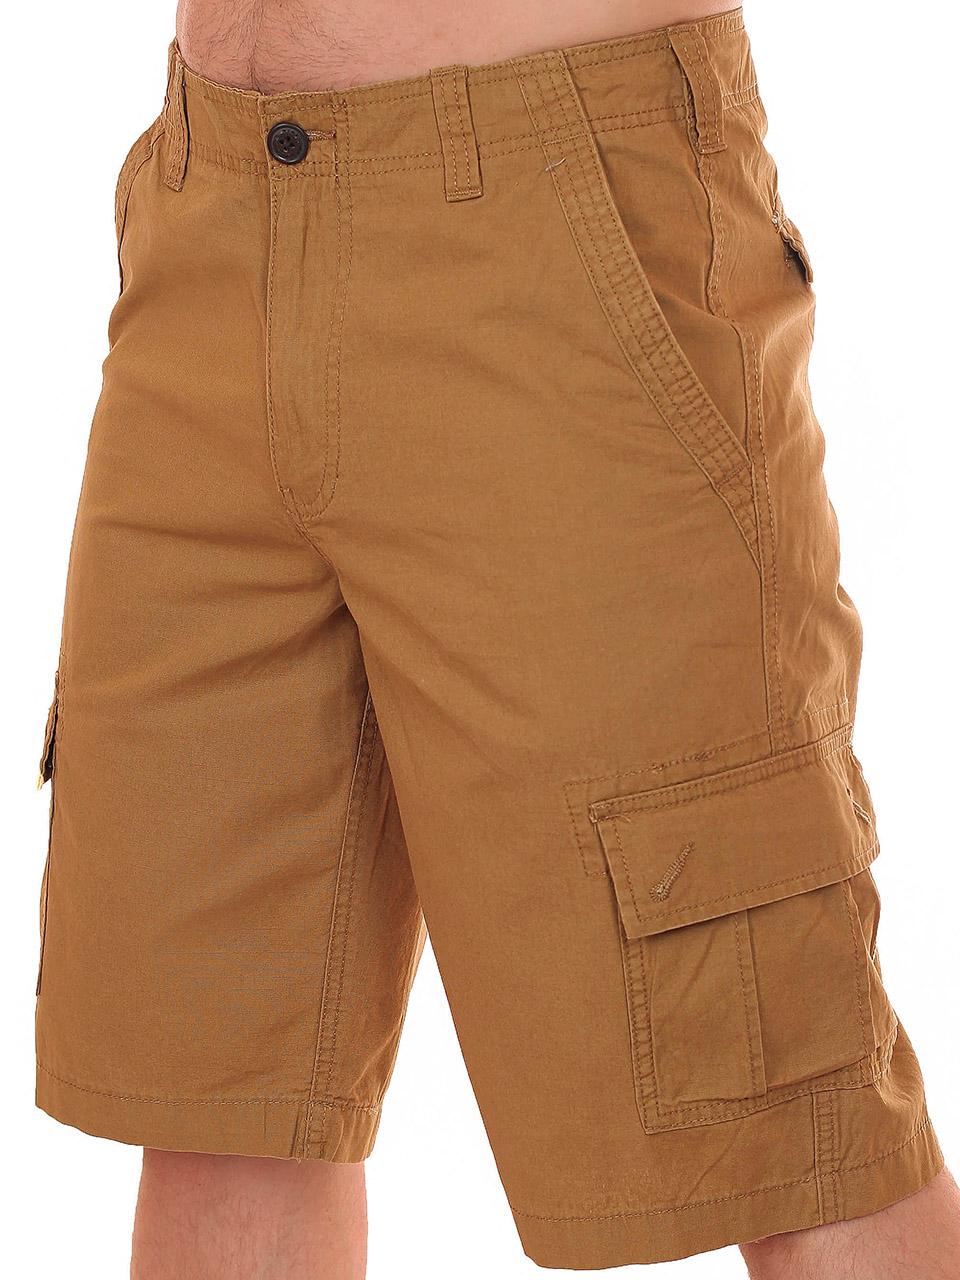 Мужские шорты купить в Новороссийске